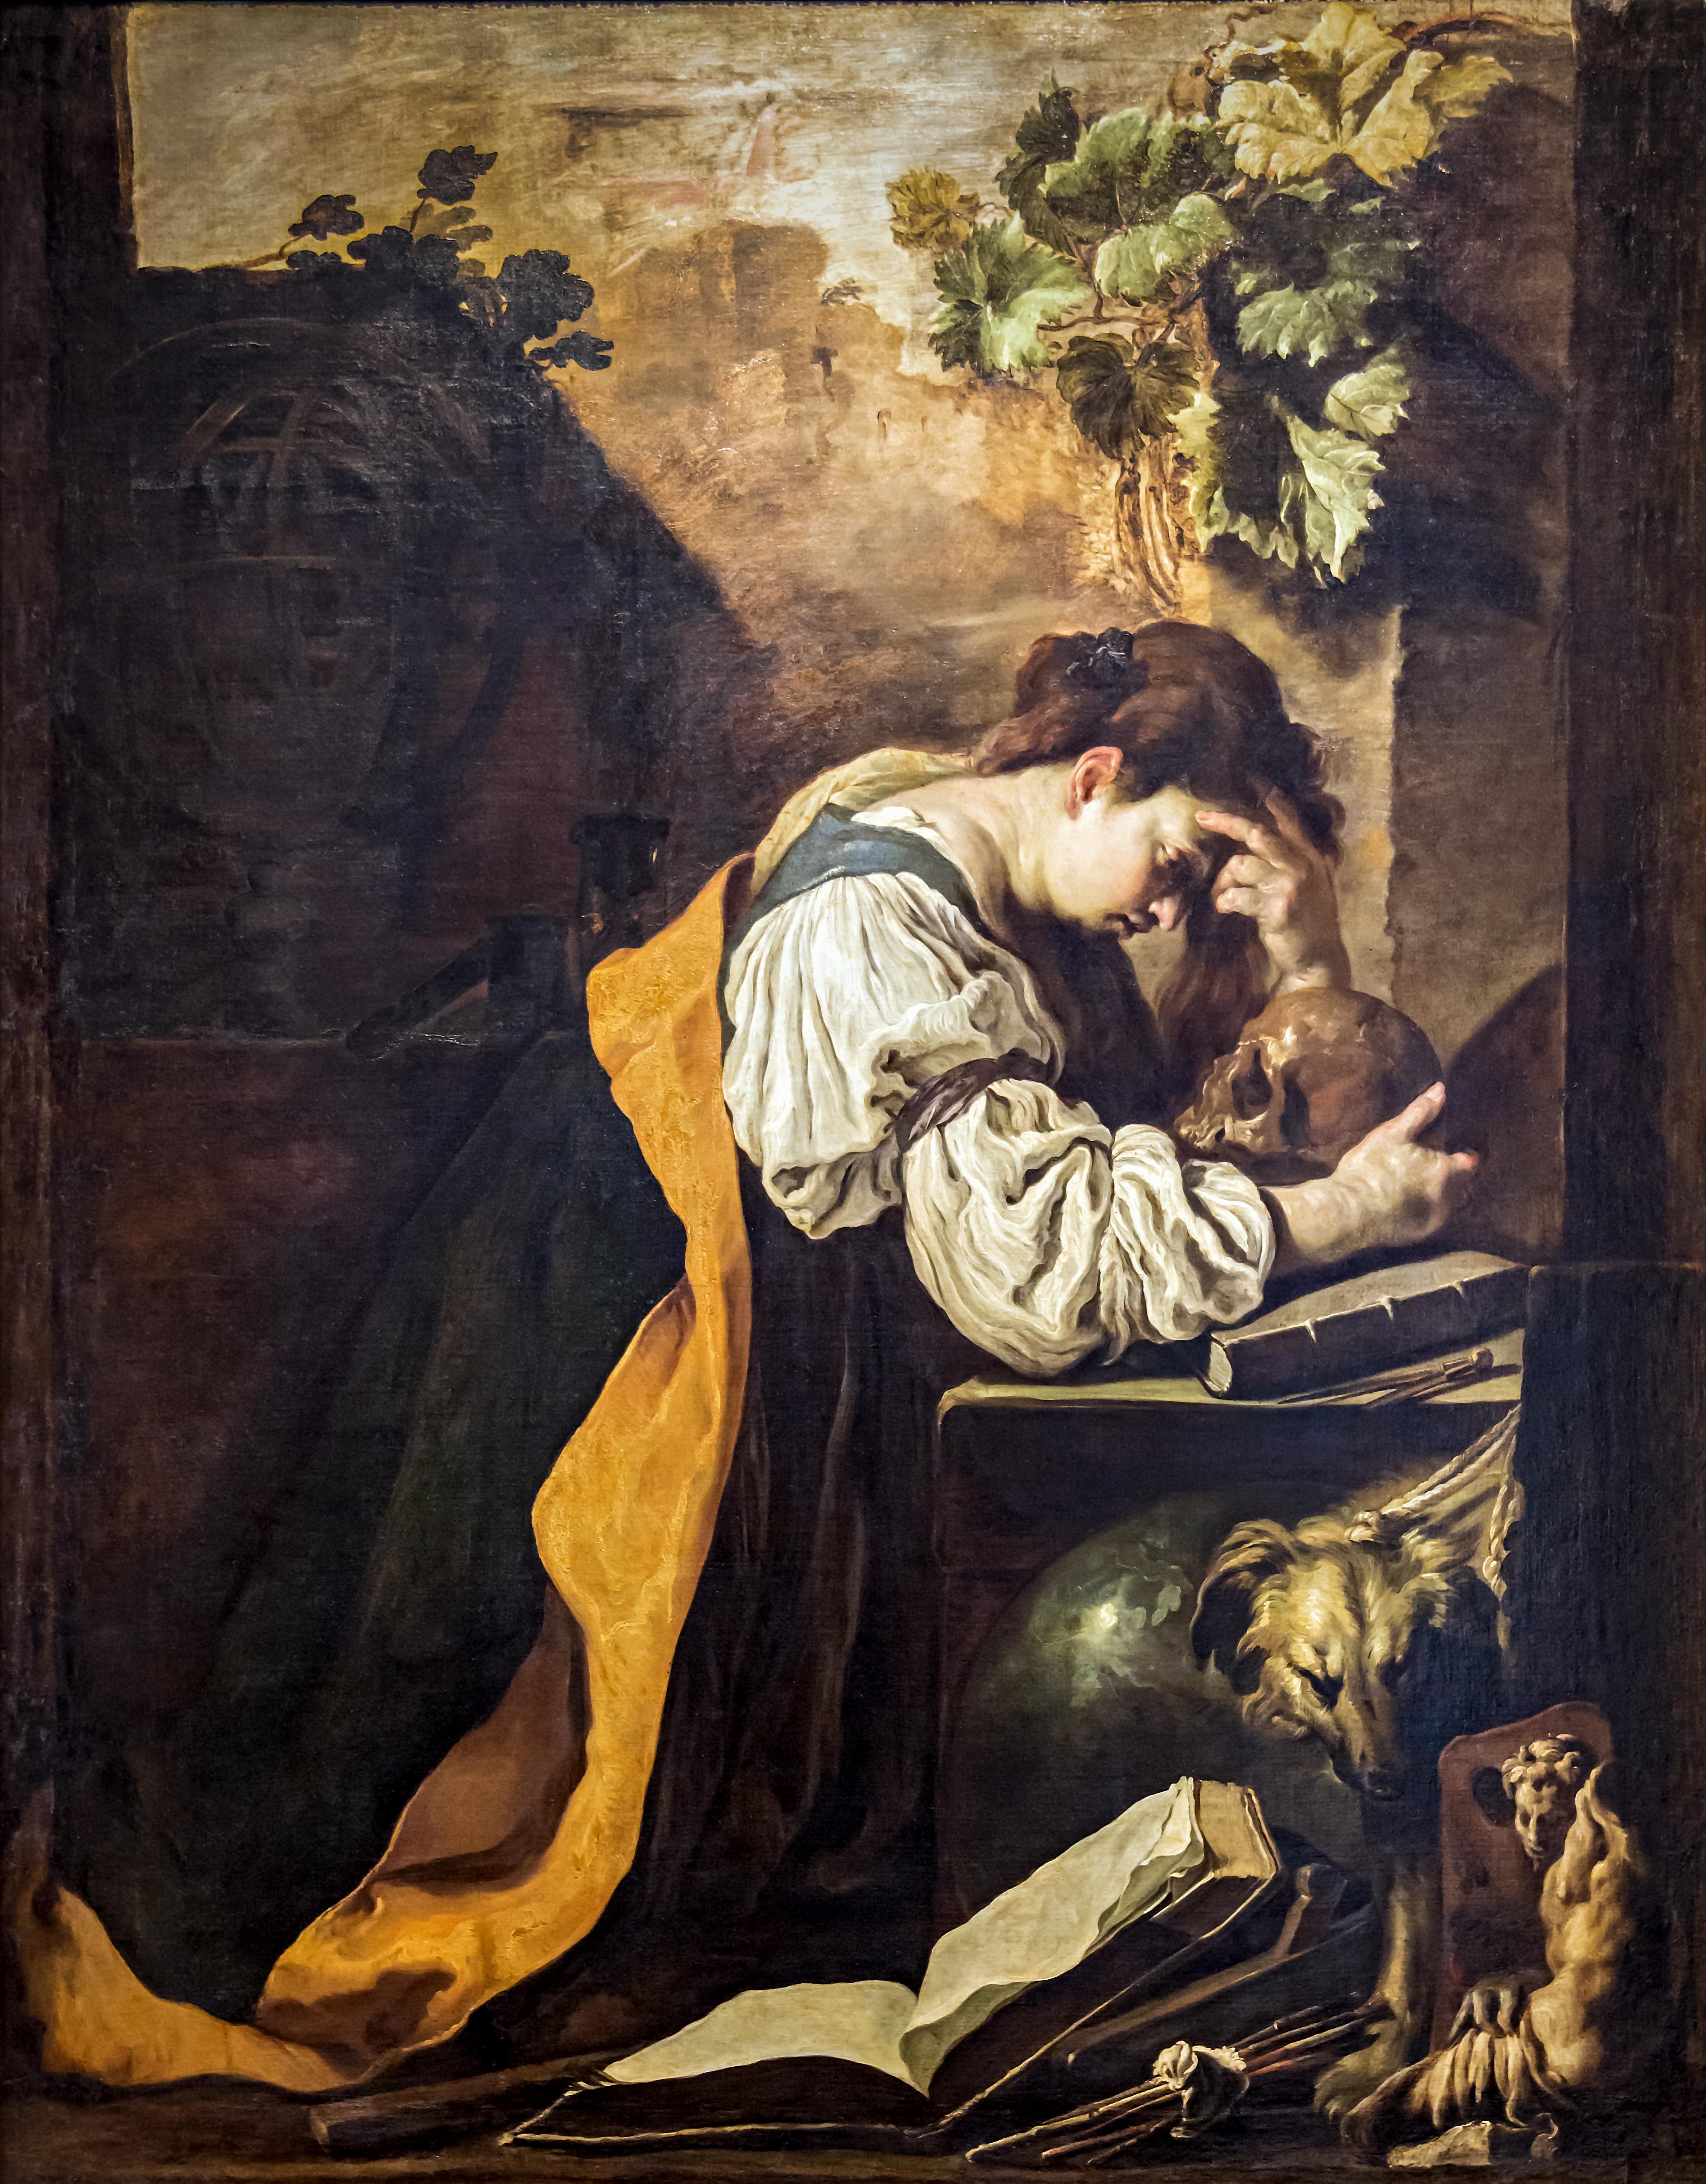 Domenico Fetti, 'La Meditazione, o Malinconia'. Olio su tela, 1618. Venezia, Gallerie dell'Accademia.